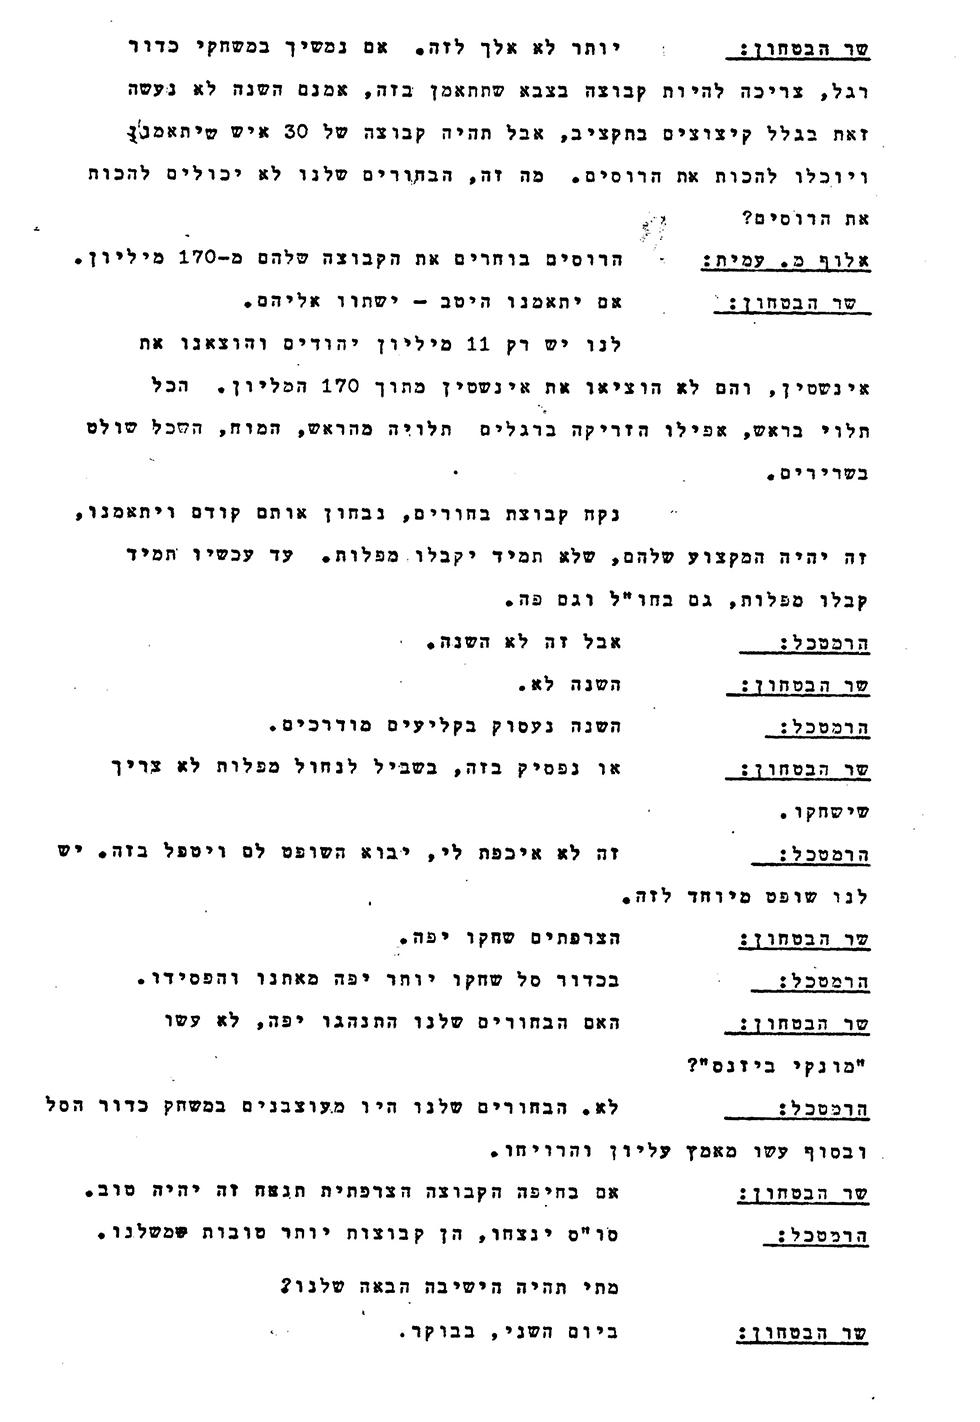 התיעוד המלא של חוויותיו של דוד בן-גוריון מישיבת שר הביטחון מתאריך  11.5.57 (באדיבות משרד הביטחון)